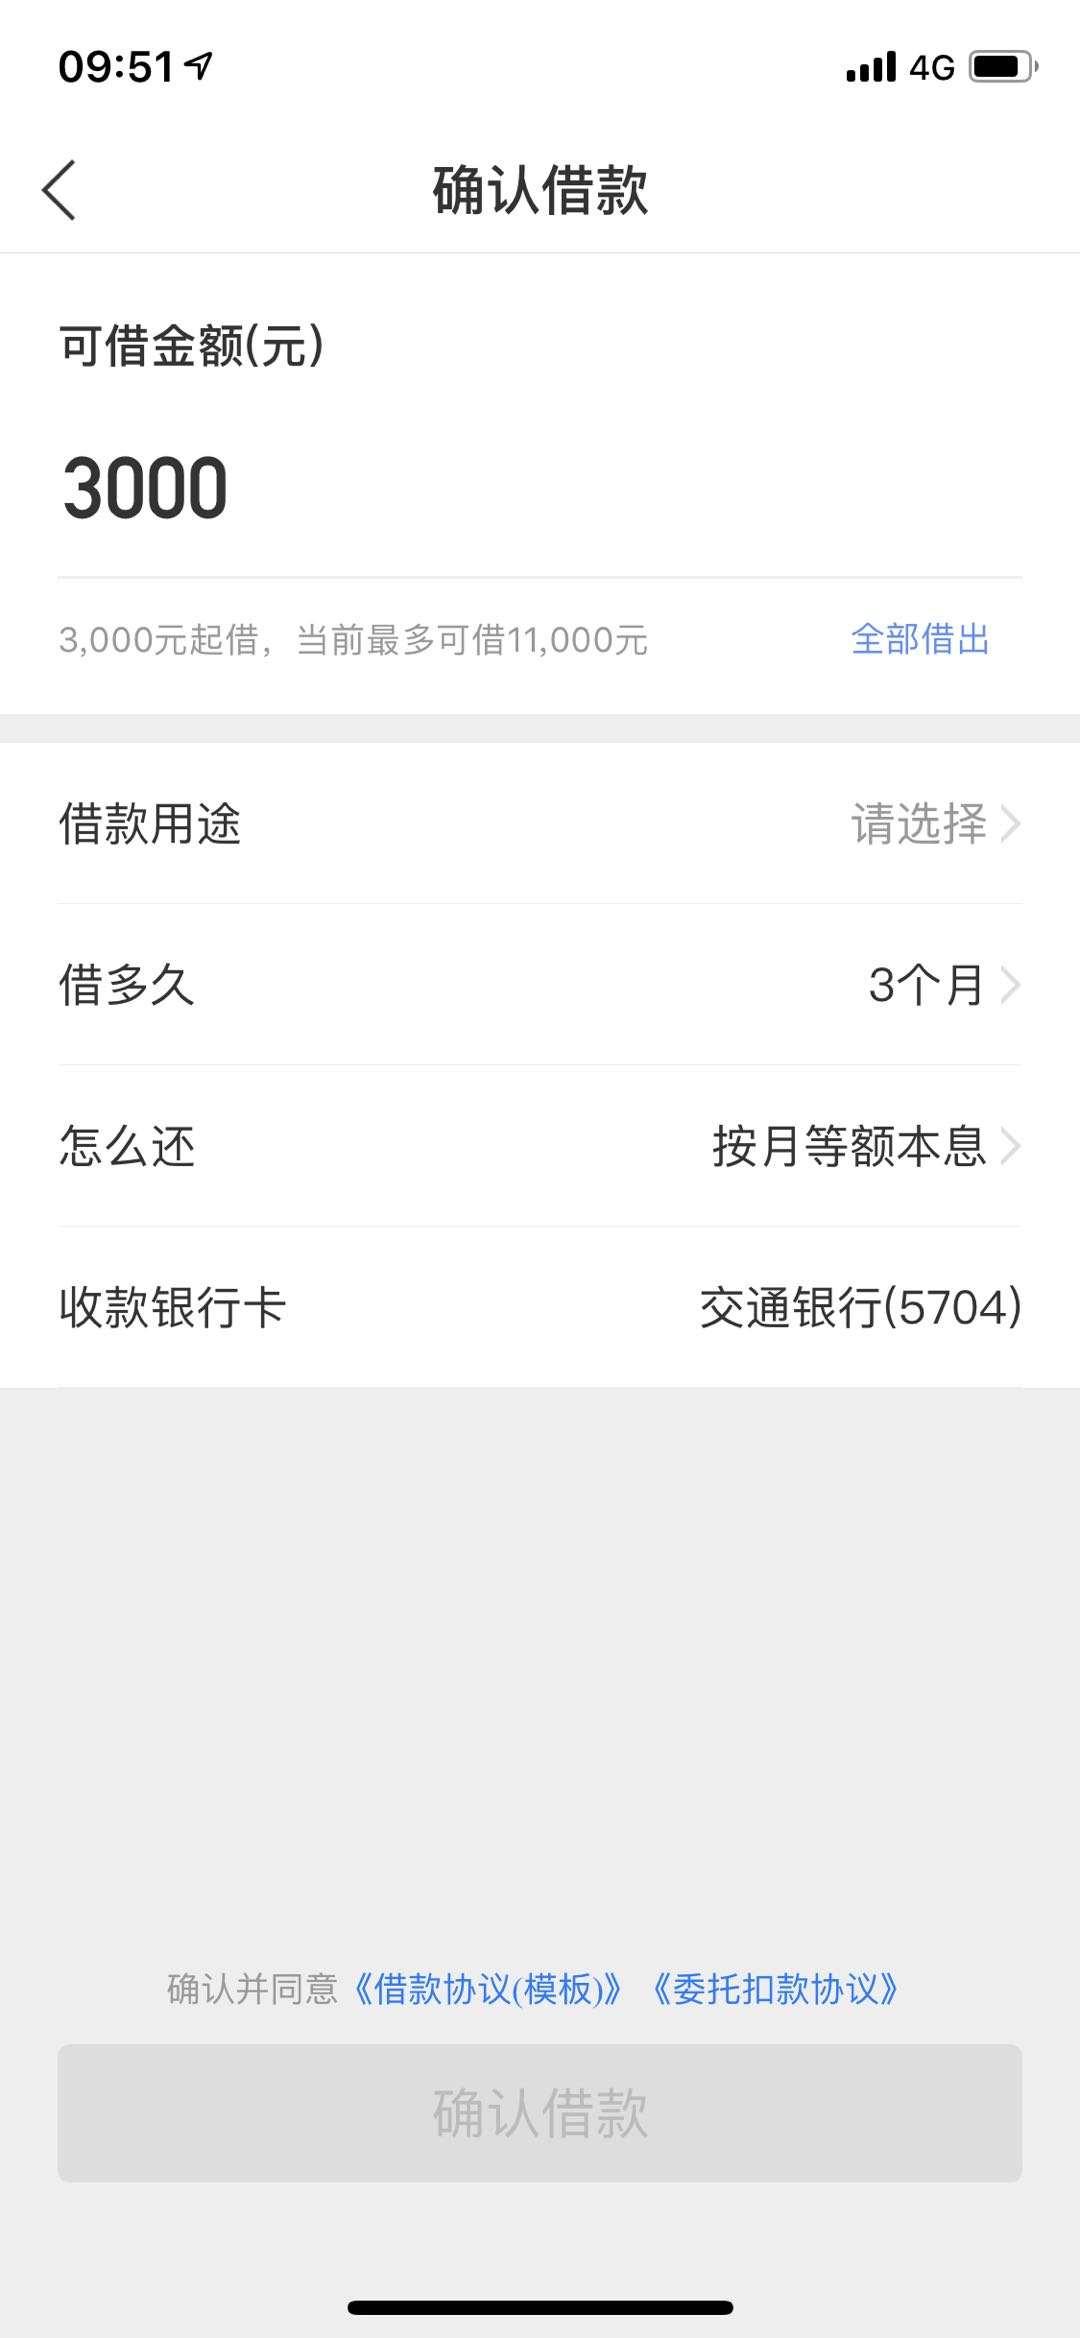 #随e借#凤凰金融旗下口子,新出炉下款图,征信微逾期老哥可...64 / 作者:卡农小蛋 /